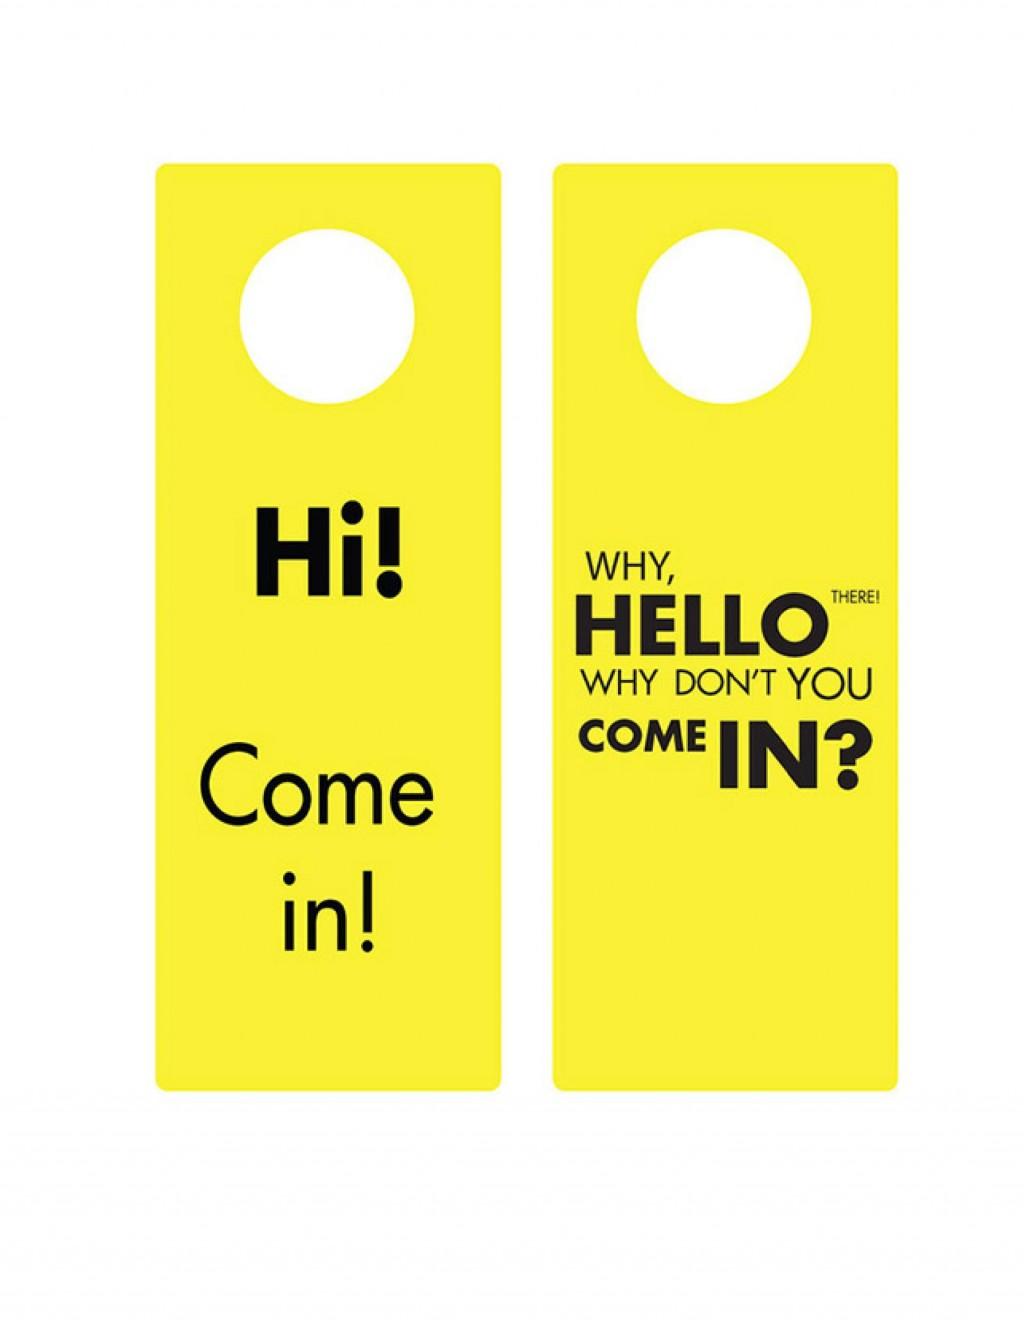 008 Simple Free Template For Door Hanger Word Picture  WeddingLarge